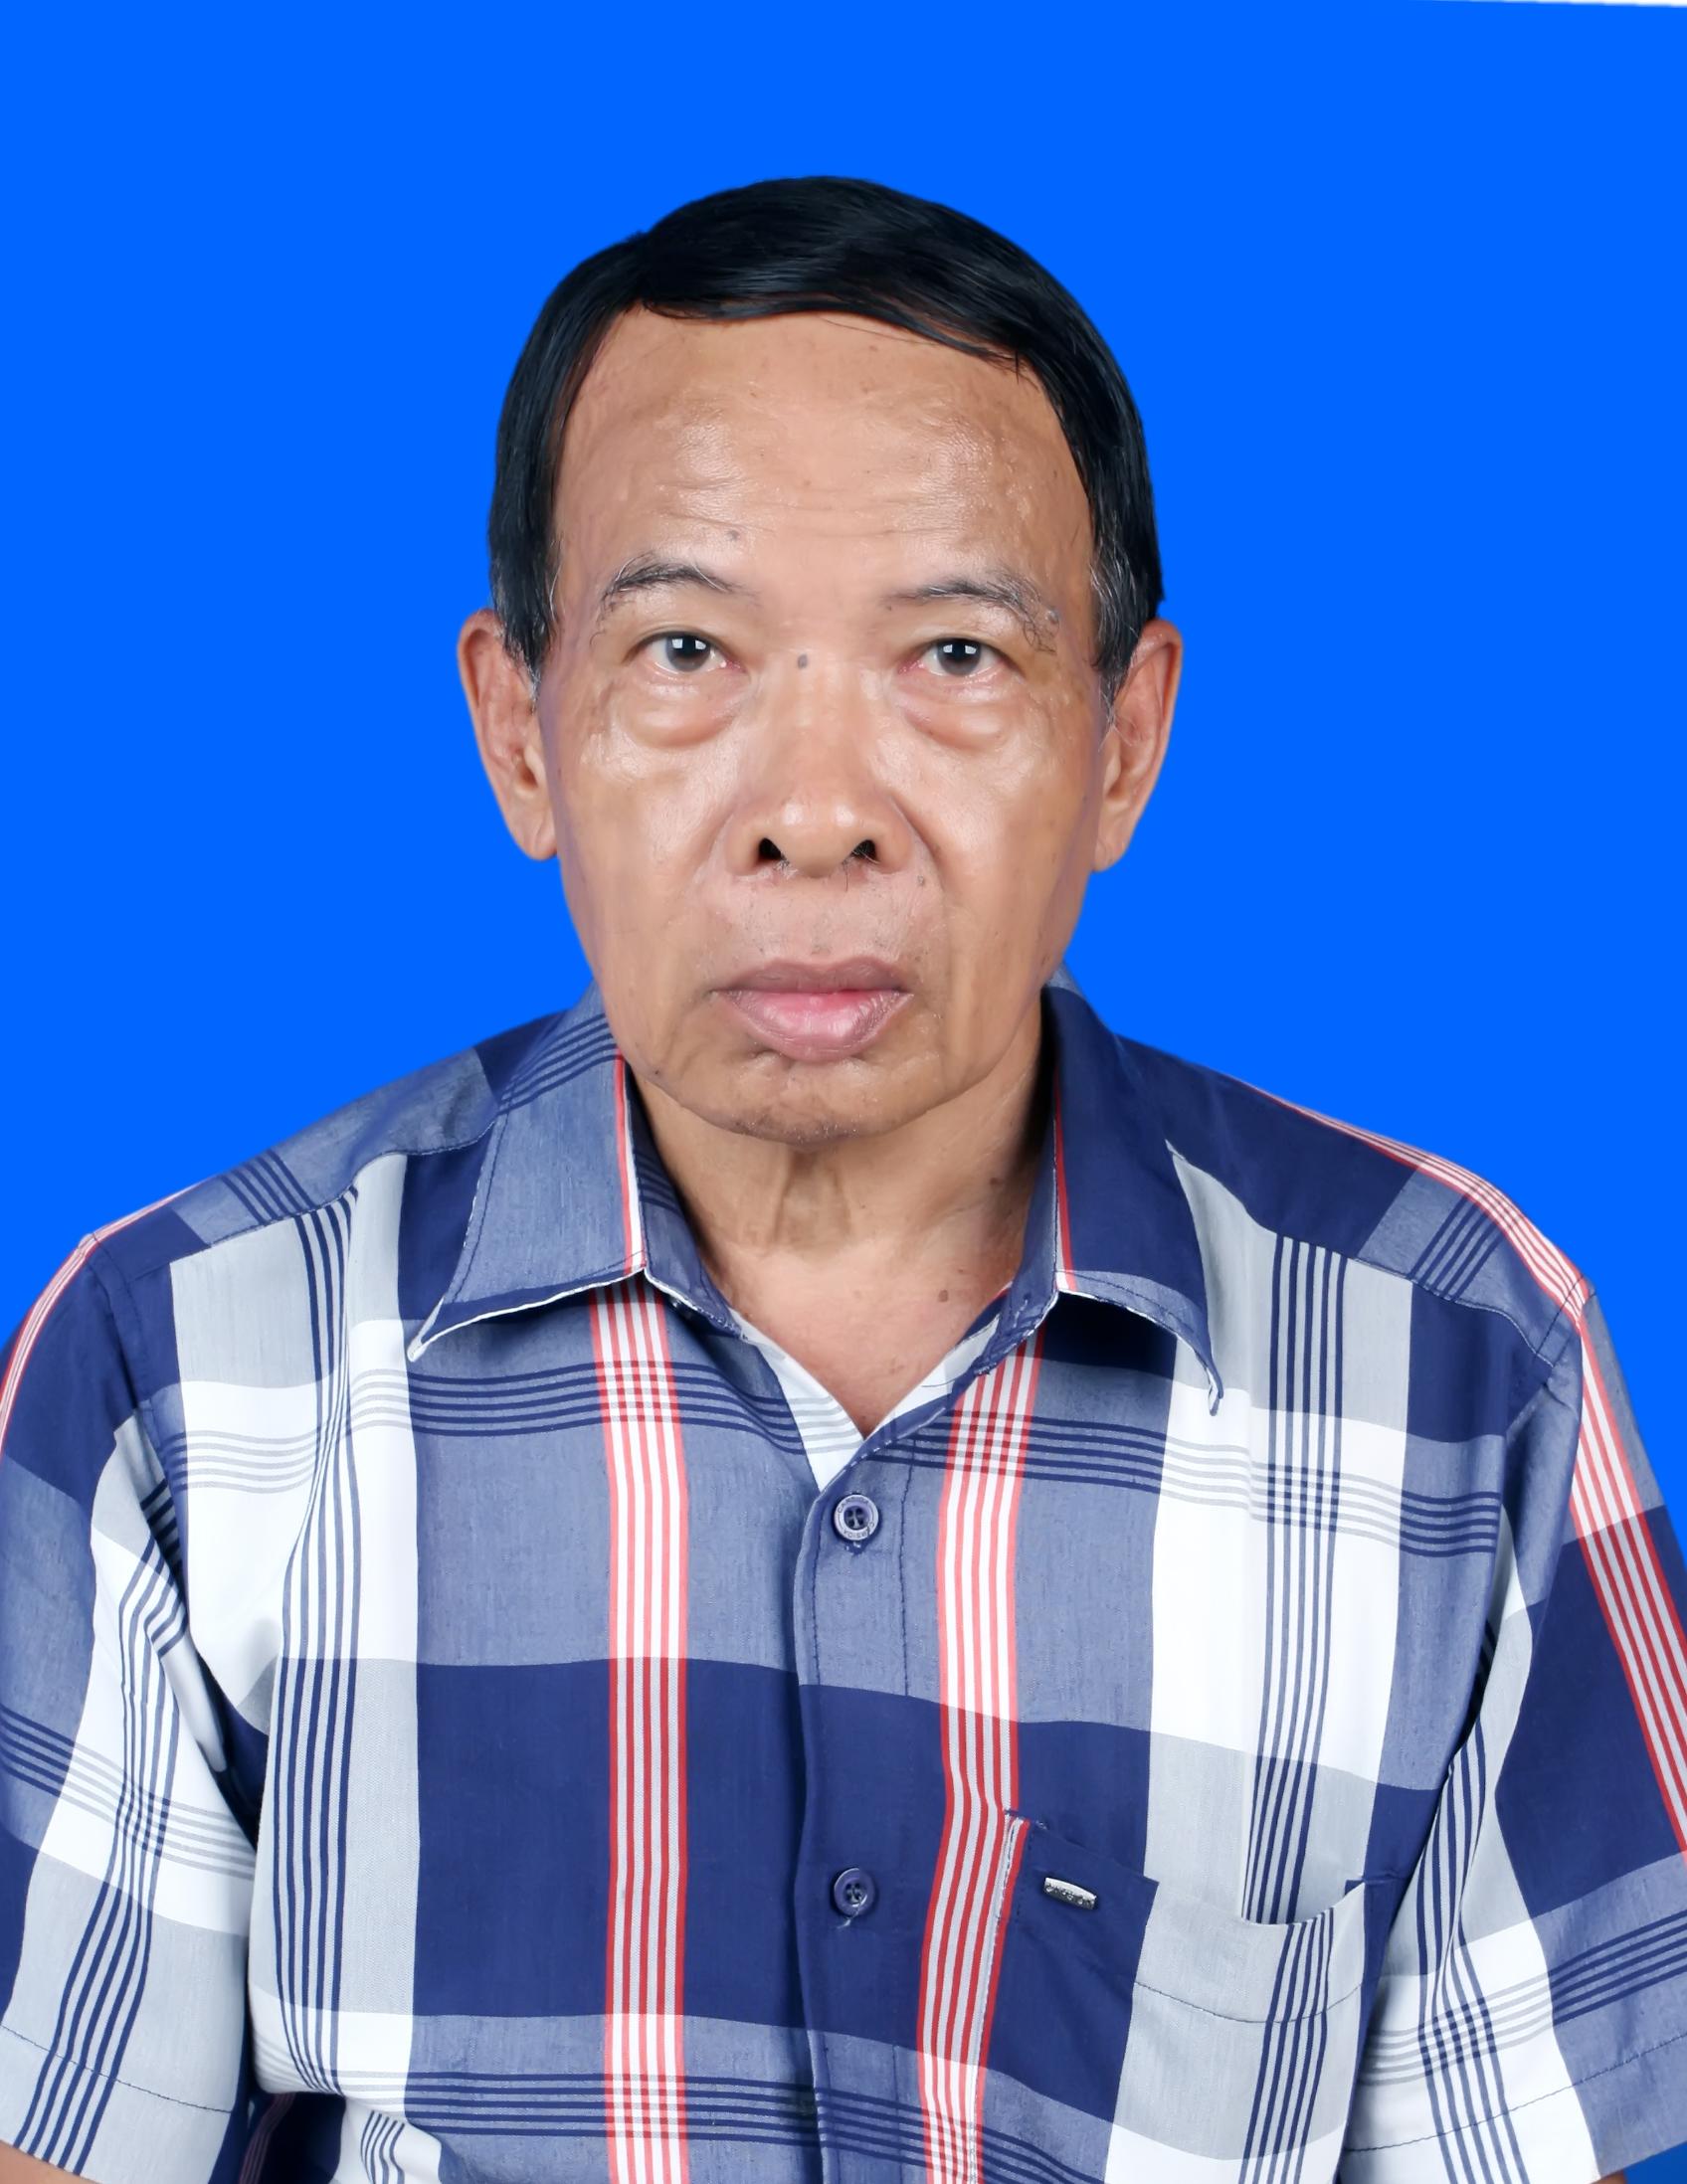 Muhammad Rusdy